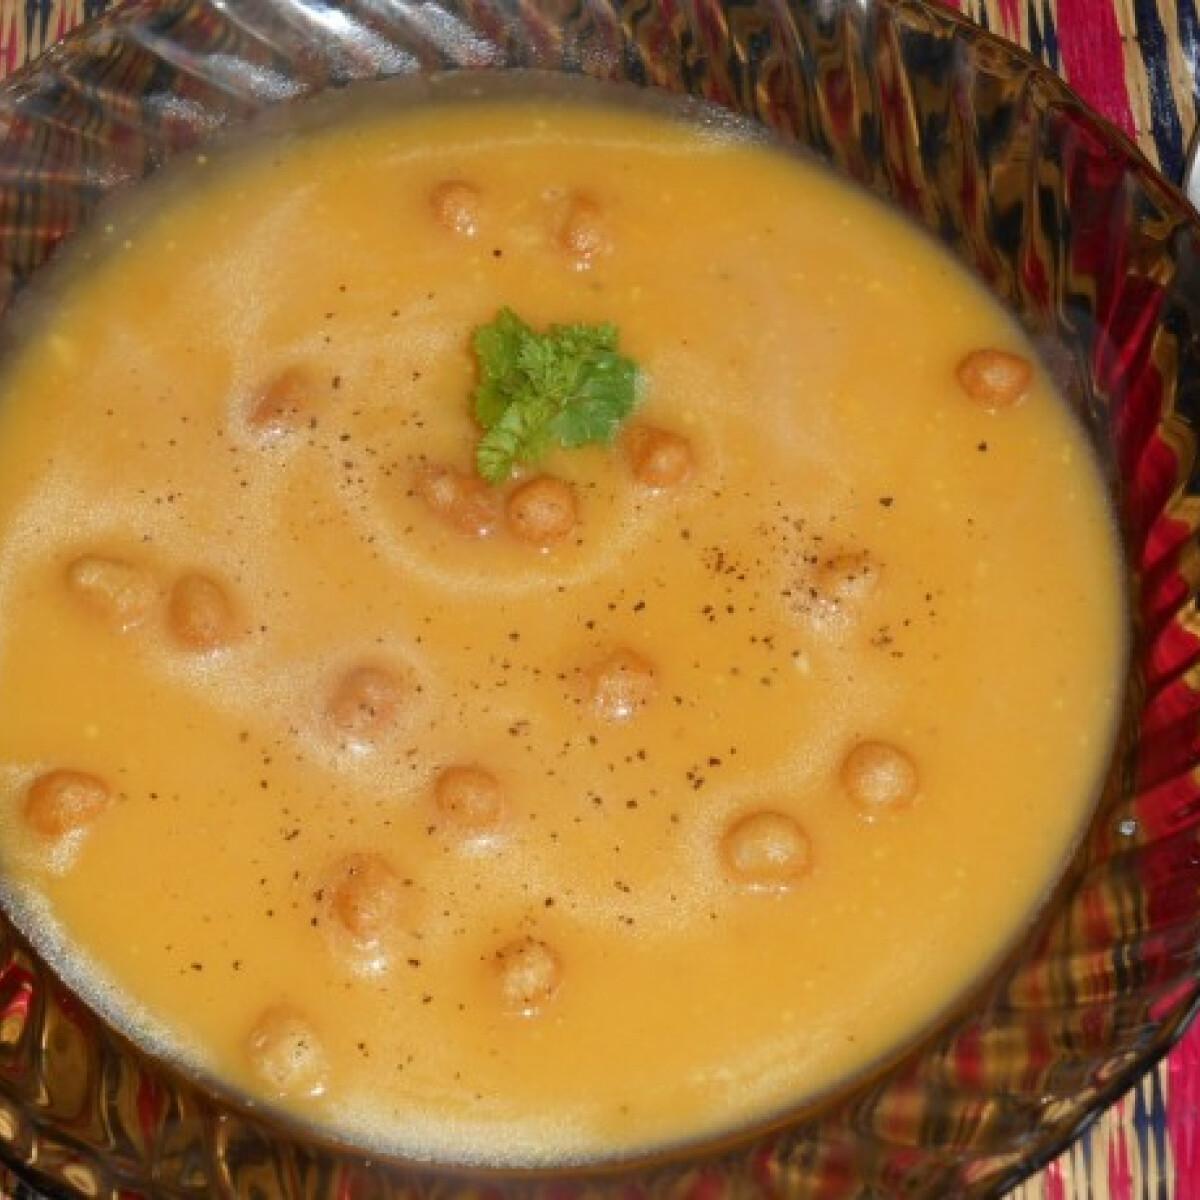 Sárgarépakrém-leves nyultanti konyhájából